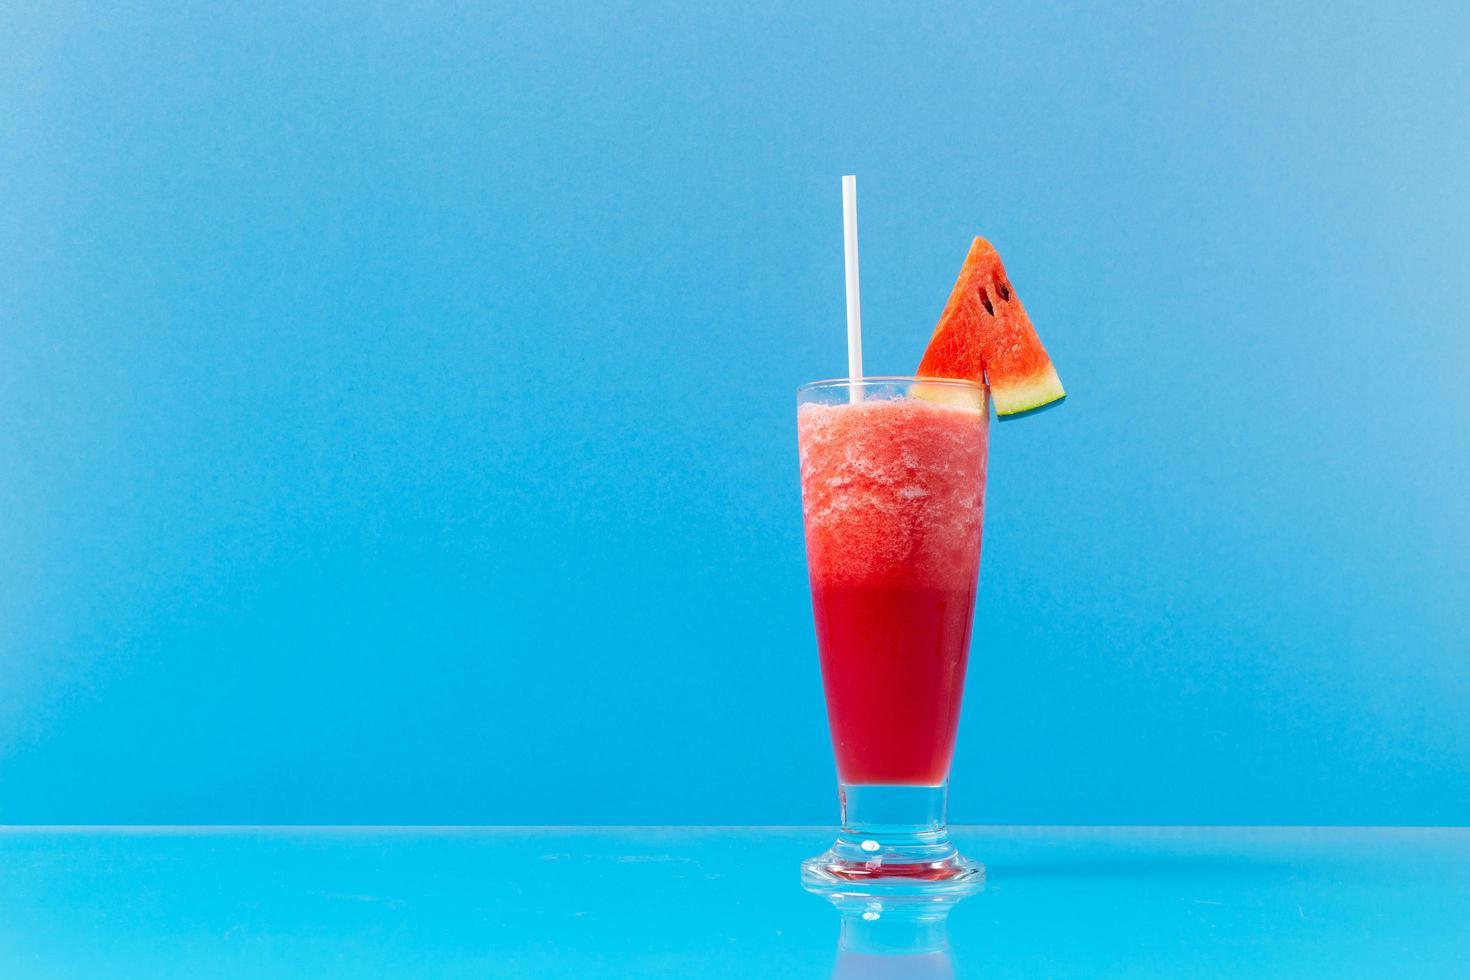 frisches Wassermelonengetränk foto